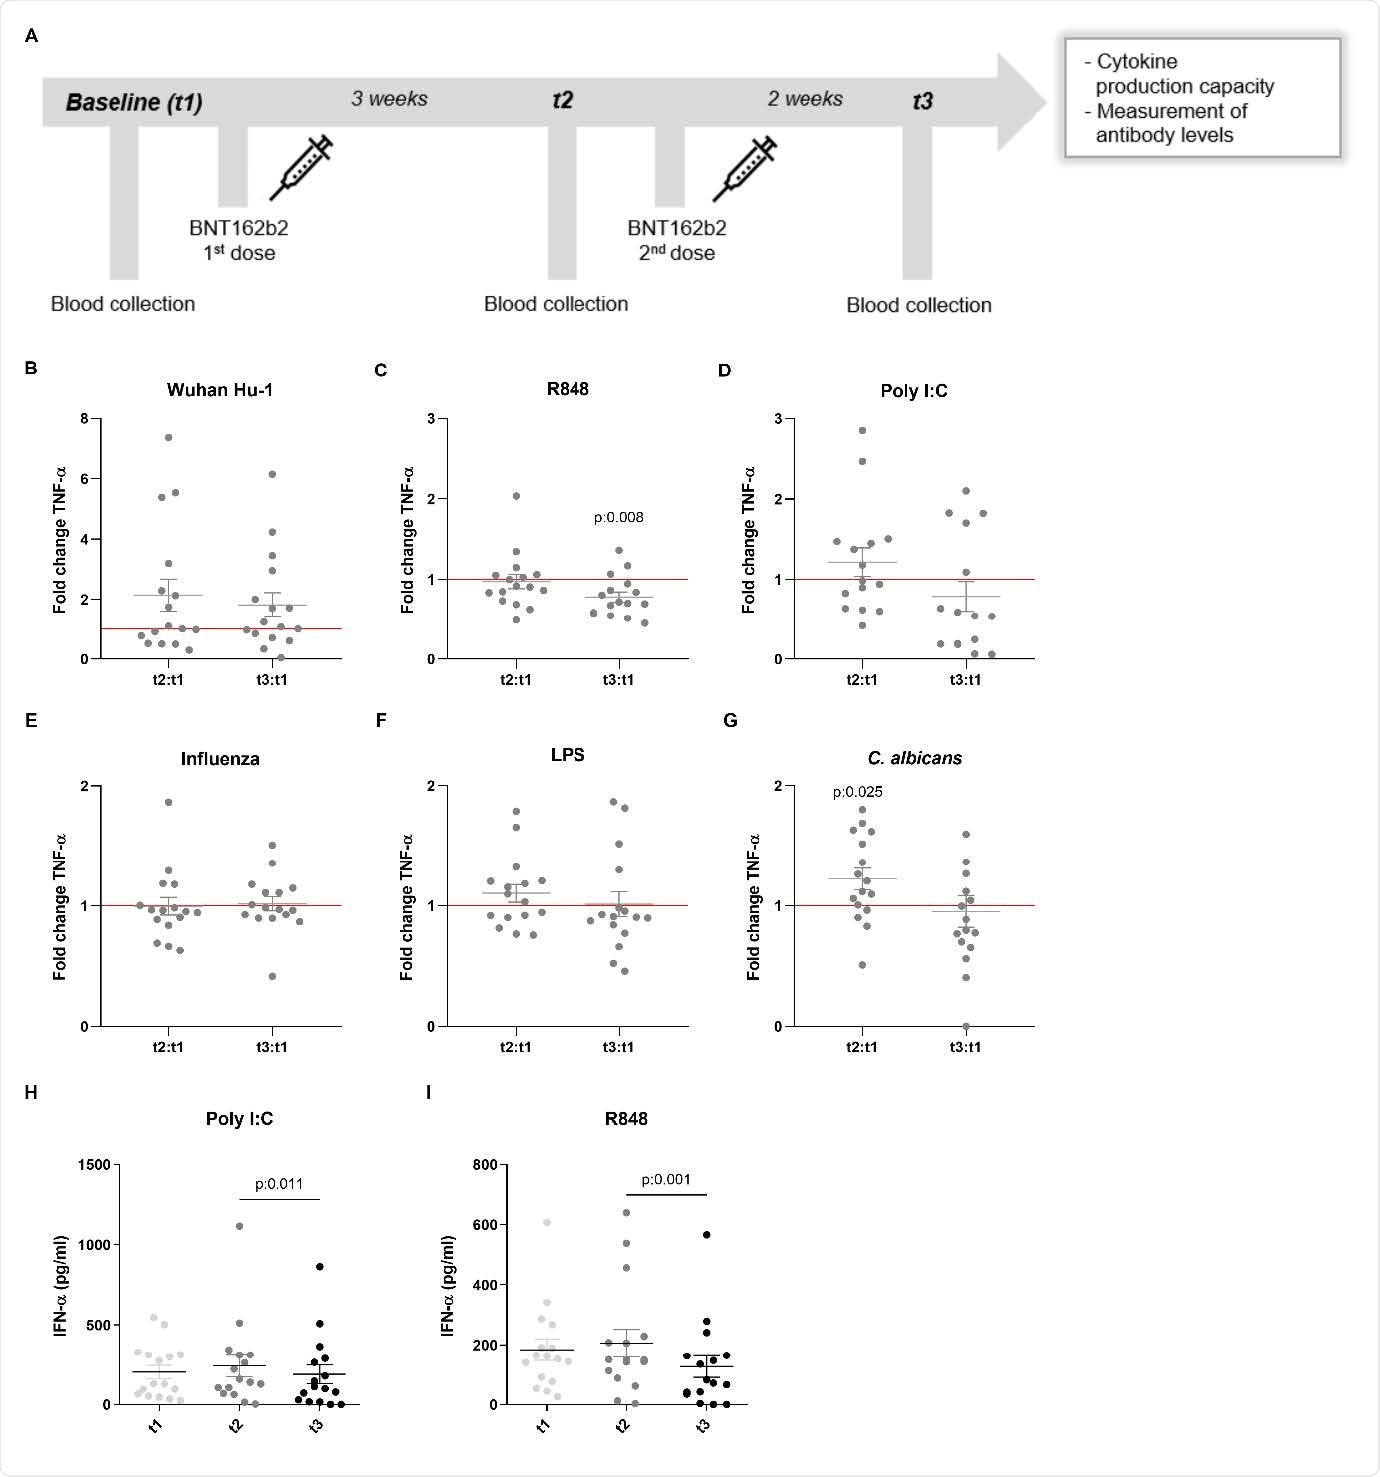 TNF-&agr;- und IFN-&agr;-Produktion als Reaktion auf heterologe Stimuli in PBMCs, die von geimpften Personen isoliert wurden.  (A) Beschreibung der Studie: Impf- und Blutentnahmetage.  (BG) Faltungsänderungswerte der TNF-α-Produktion werden individuell für jedes Subjekt durch Division von t2:t1 und t3:t1 berechnet.  Die Daten werden als Faltungsänderungen ± SEM (n = 15-16) dargestellt und durch Wilcoxons Matched-Pairs-Vorzeichen-Rang-Test analysiert, der jedes Verhältnis mit vergleicht